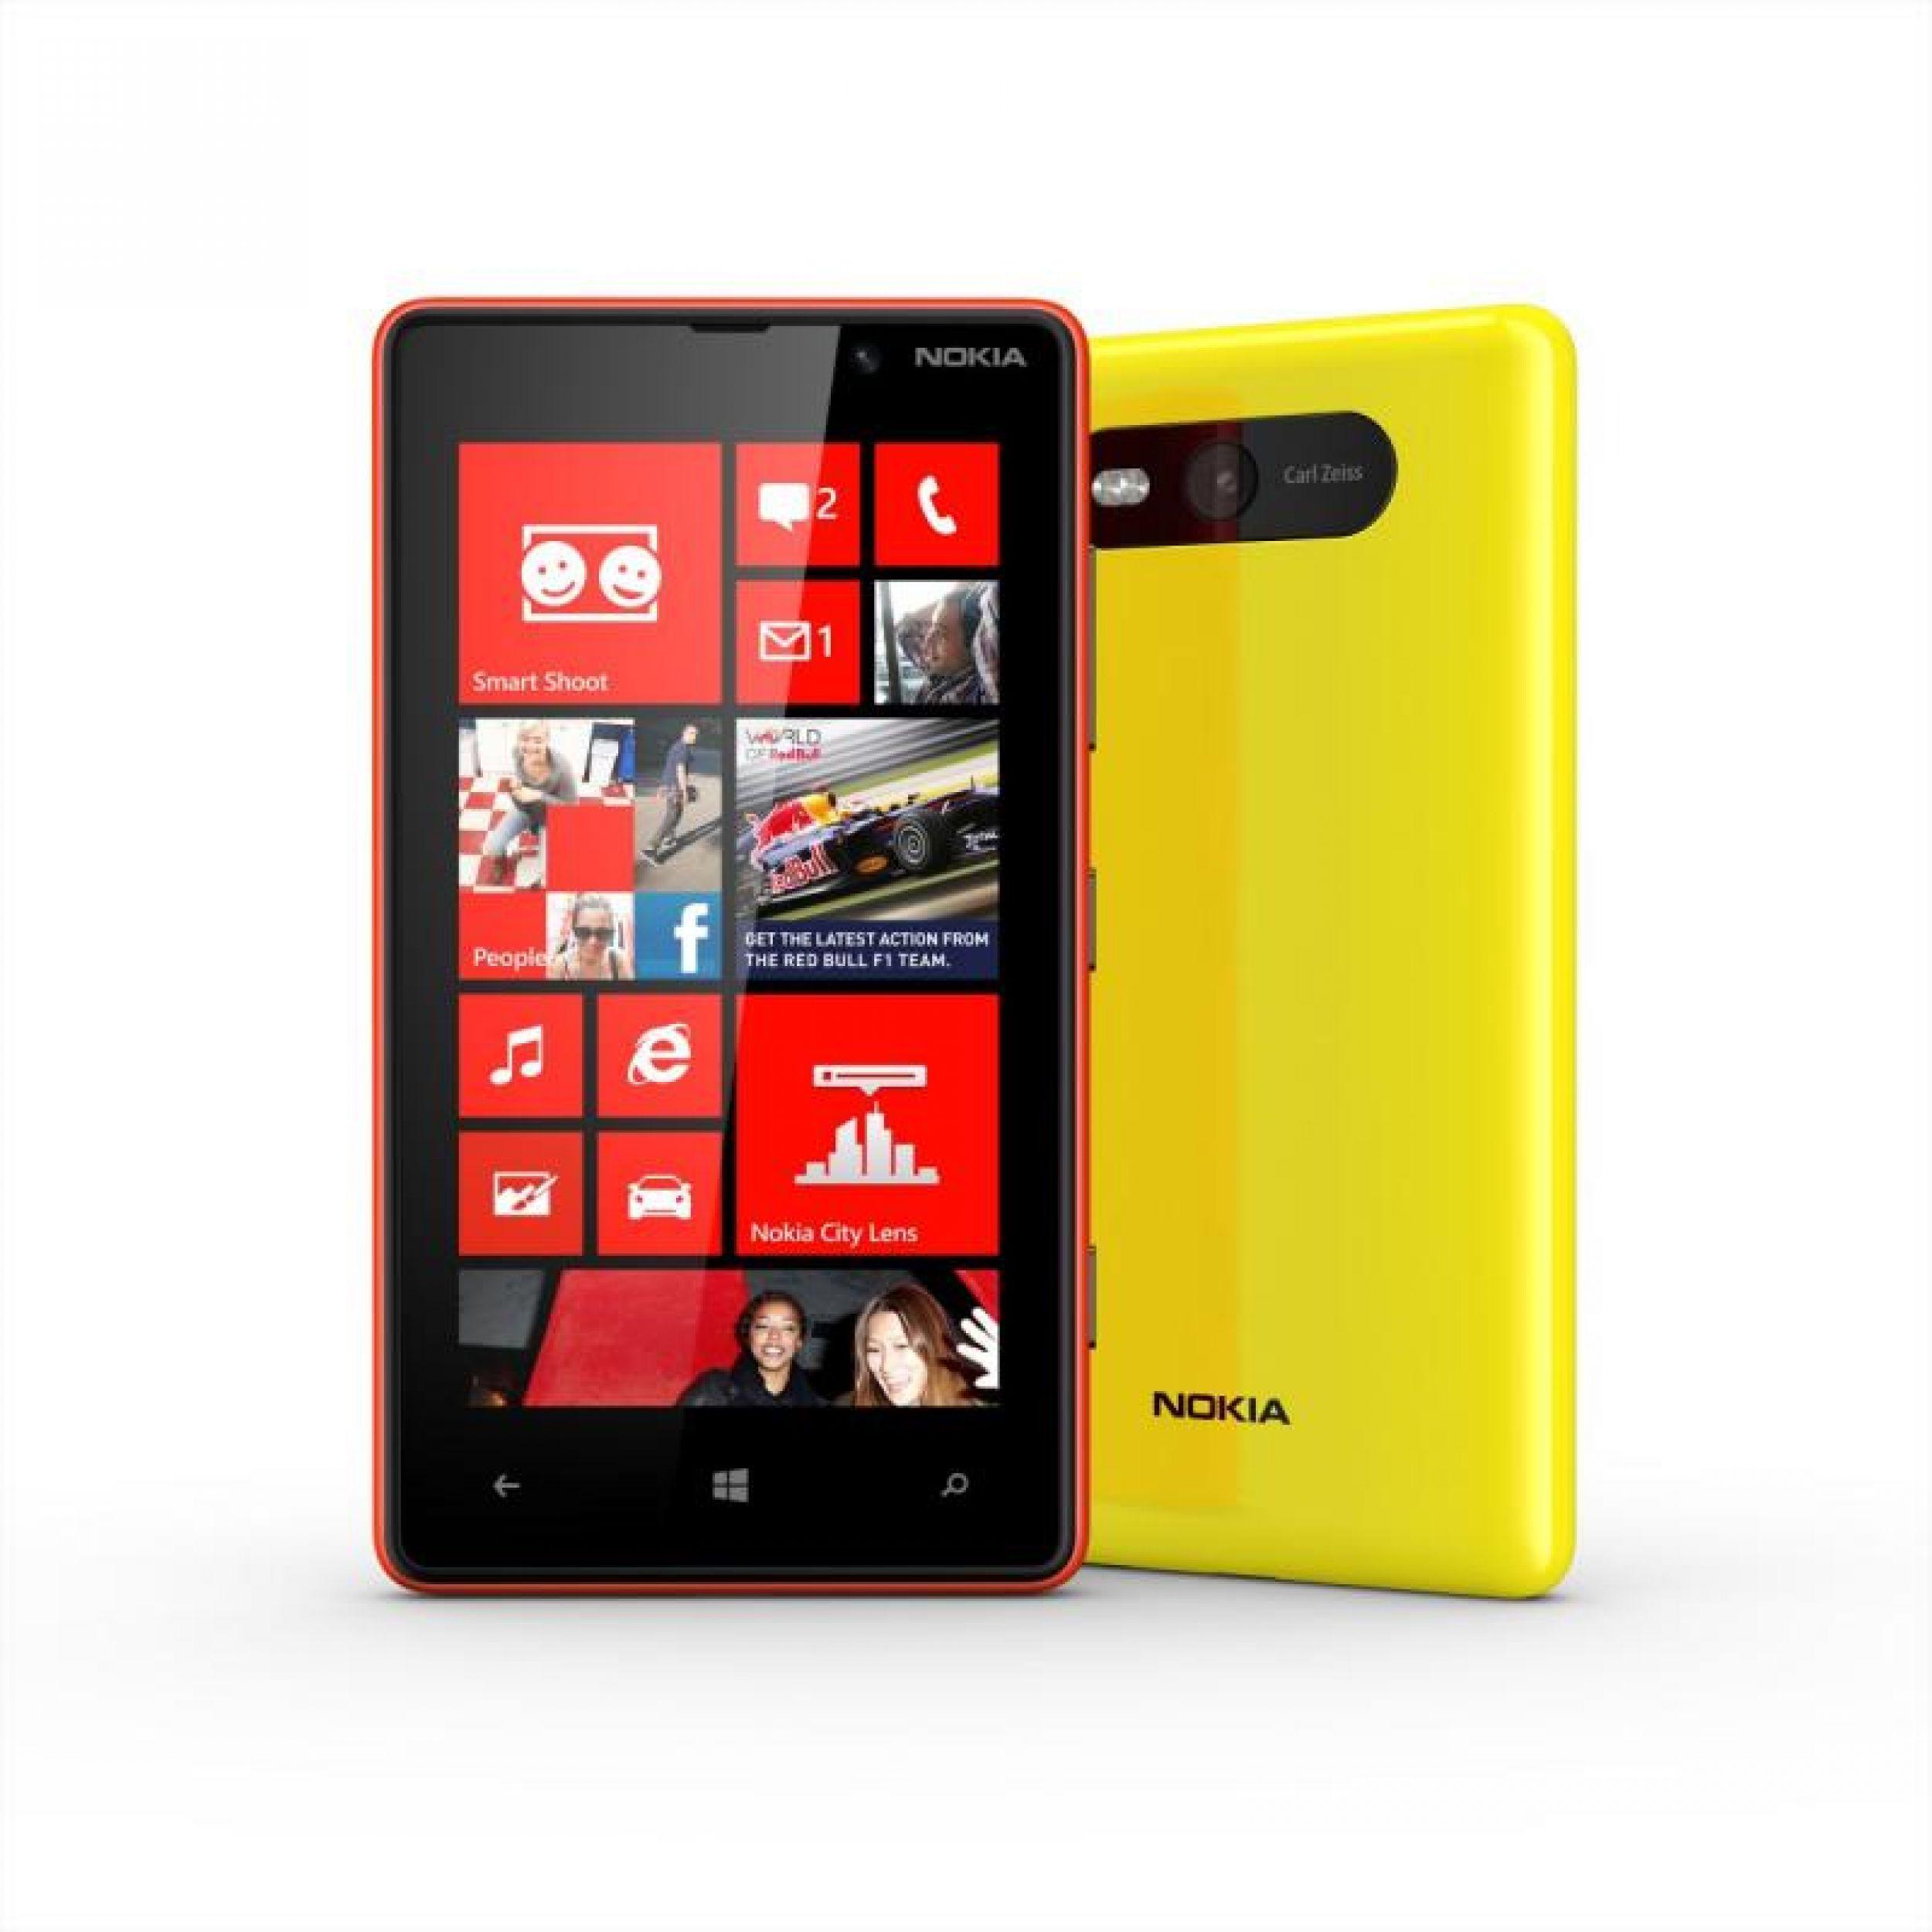 Nokia_Lumia820_01_enl.jpg